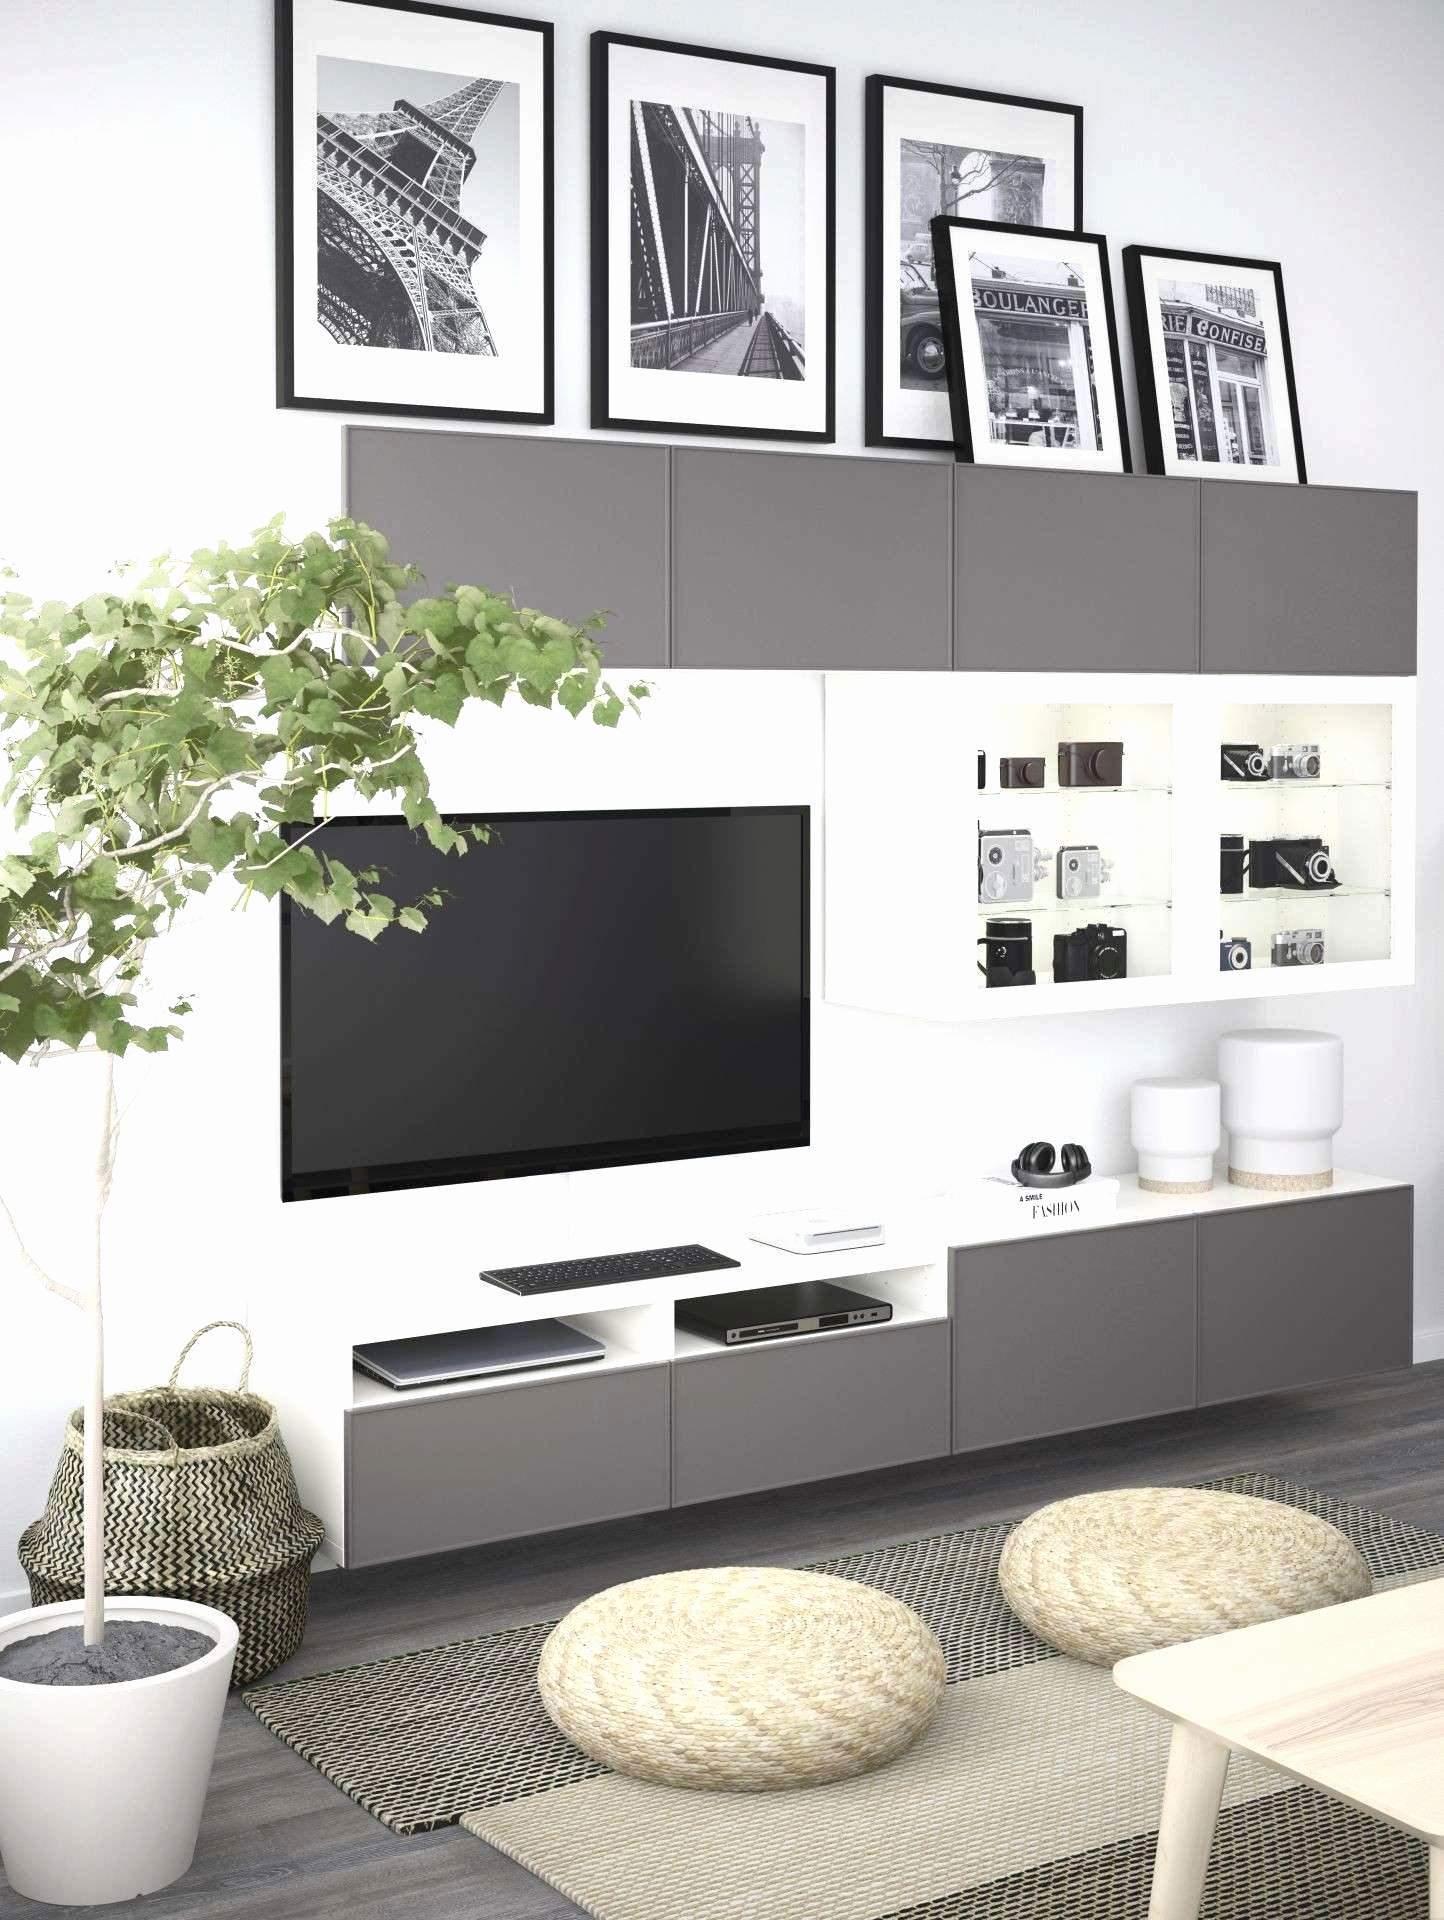 pflanzen wohnzimmer neu pflanze wohnzimmer einzigartig 49 inspirierend pflanzen im of pflanzen wohnzimmer